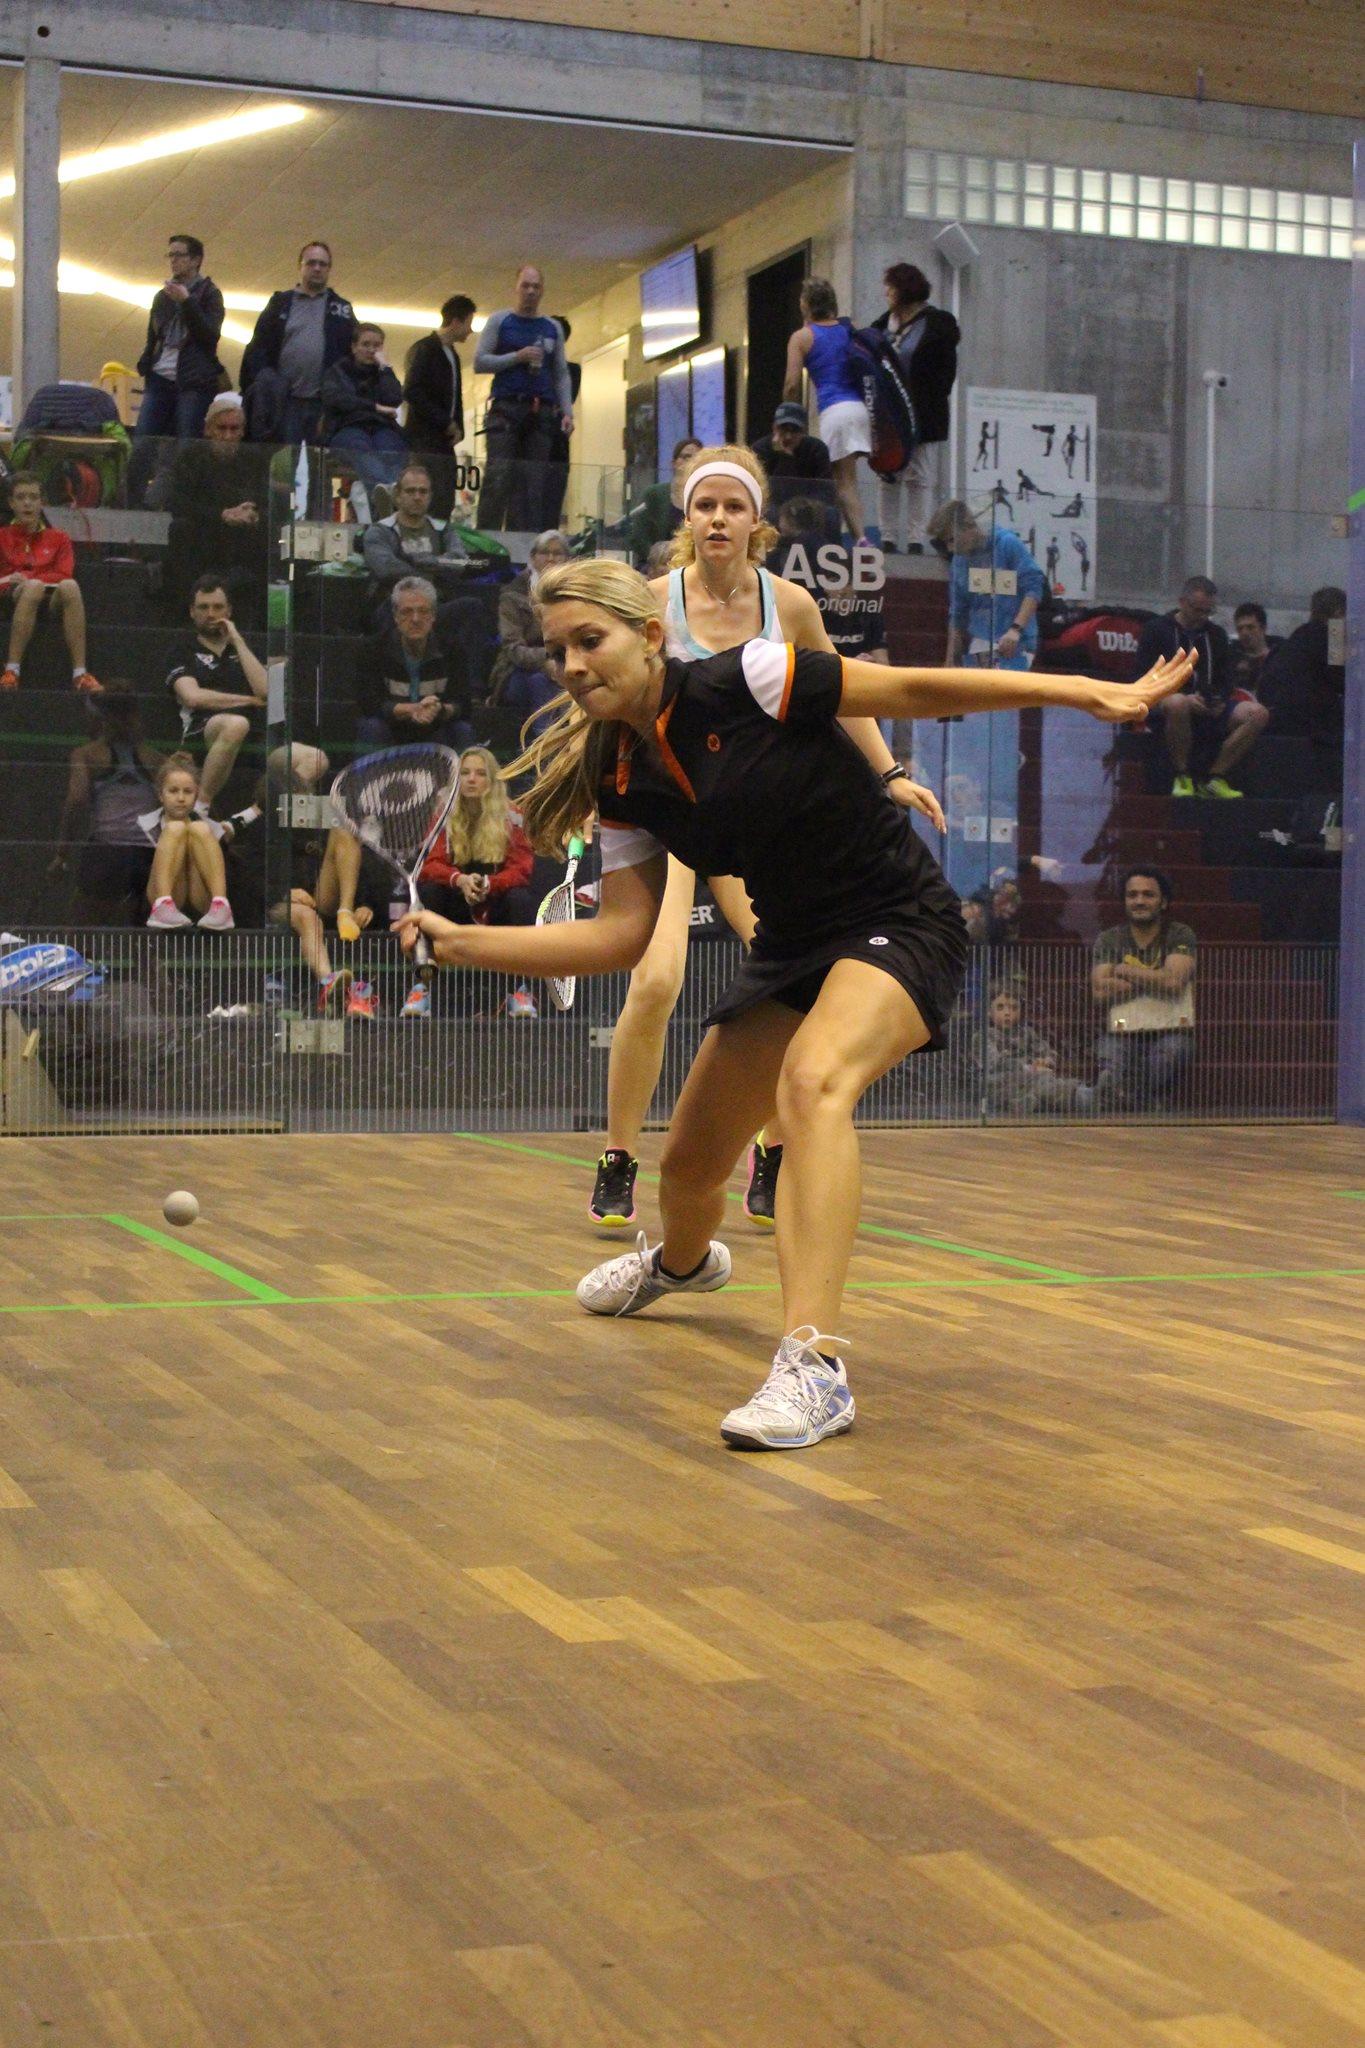 Racketlon-Ass Astrid Reimer-Kern beim Squash (Foto nicht in der Squash-Insel Taufkirchen)